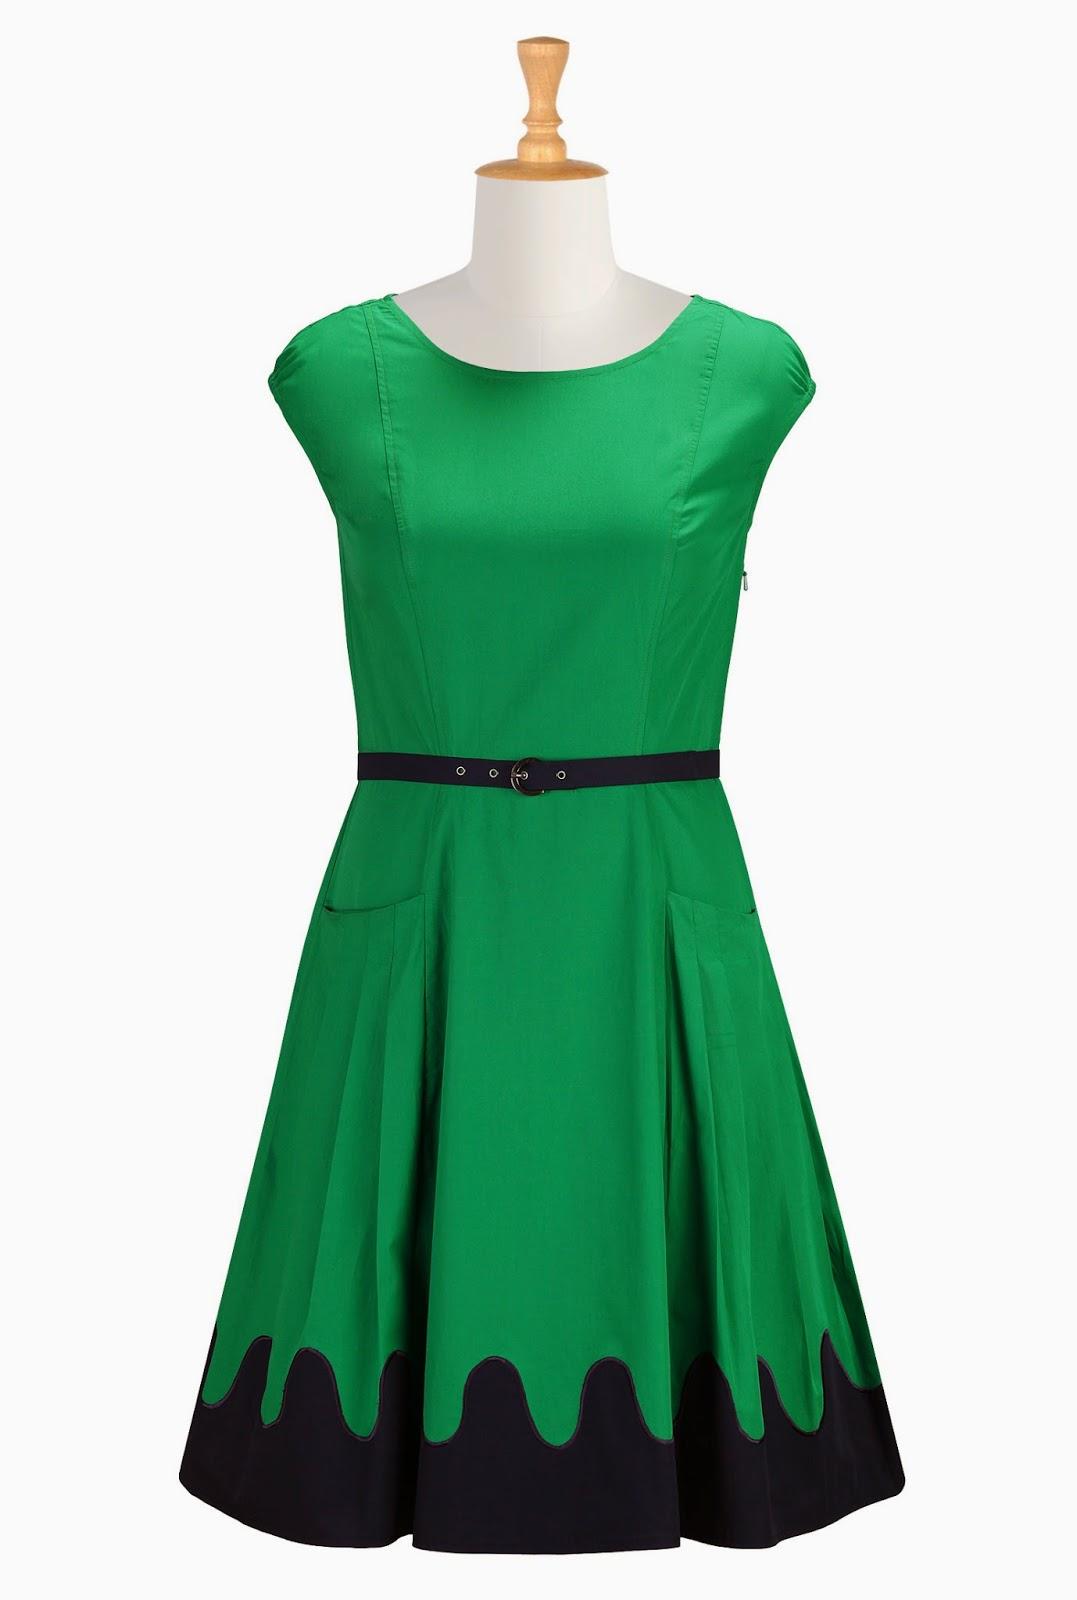 http://www.eshakti.com/Product/CL0030982/Scallop-trim-poplin-dress